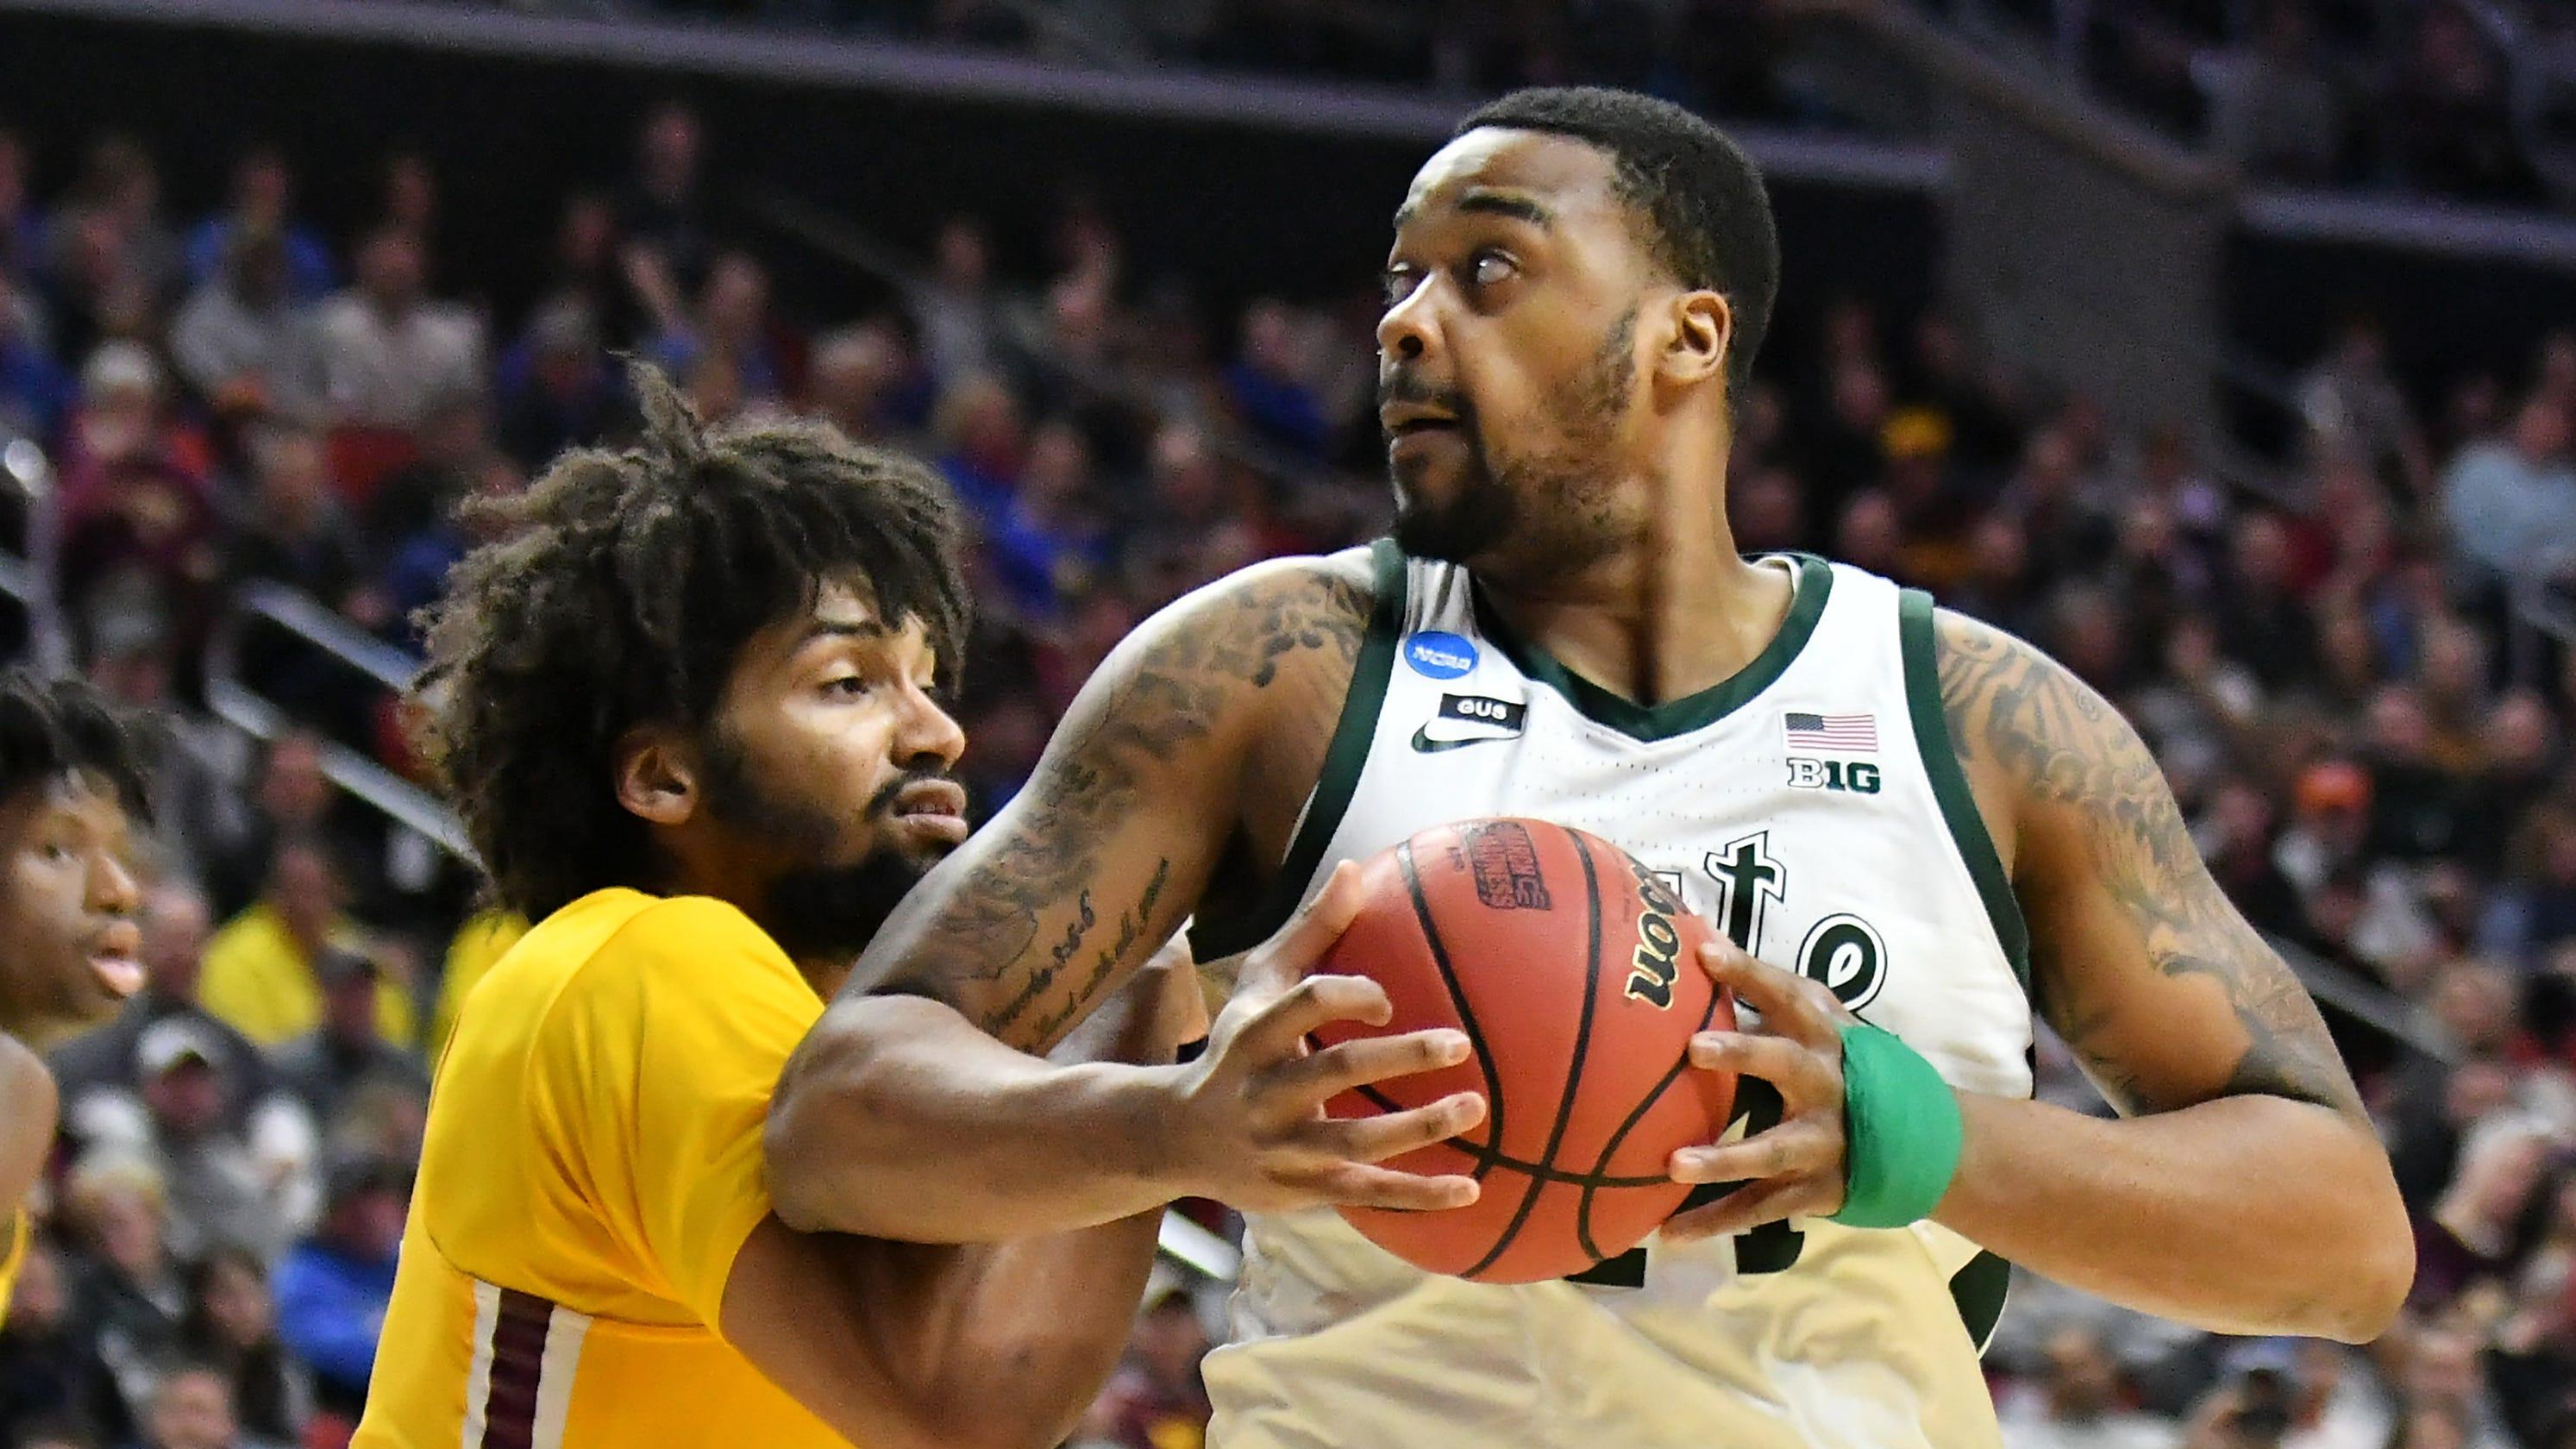 b2cec8dfdd6 Michigan State Basketball | Bleacher Report | Latest News, Scores ...